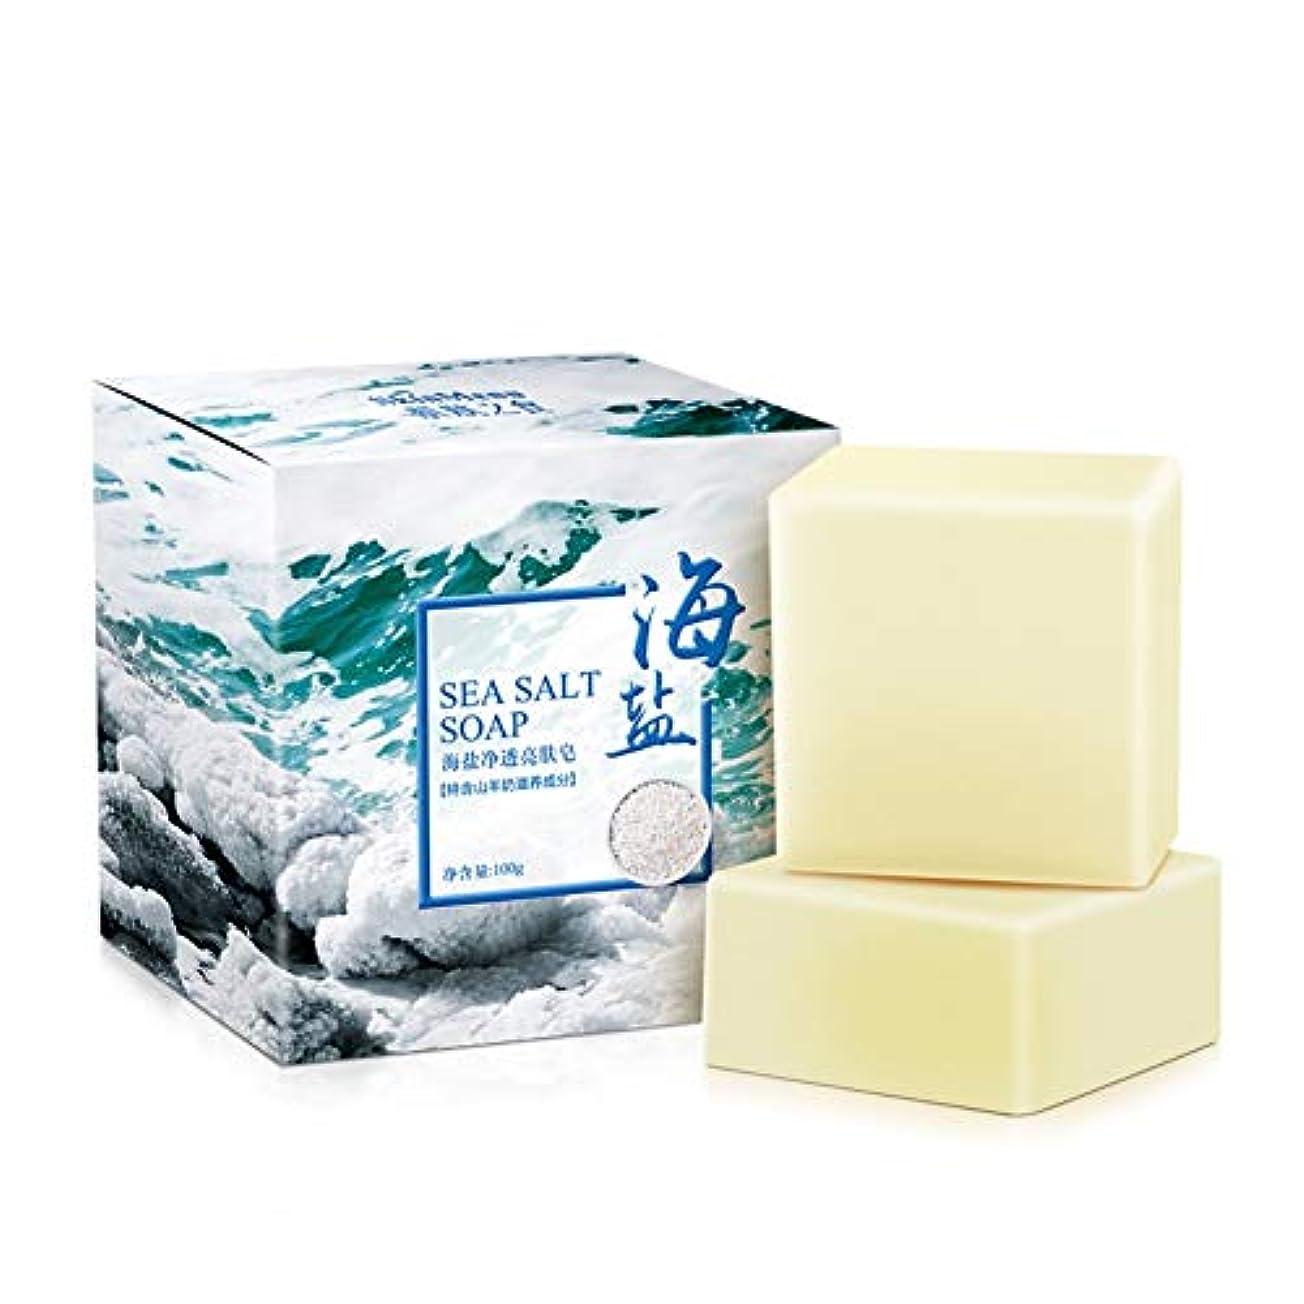 一元化する青混合したCutelove 石鹸 にきび用石鹸 海塩石鹸 海塩石鹸にきび パーソナルケア製品 補修石鹸 ボディークリーニング製品